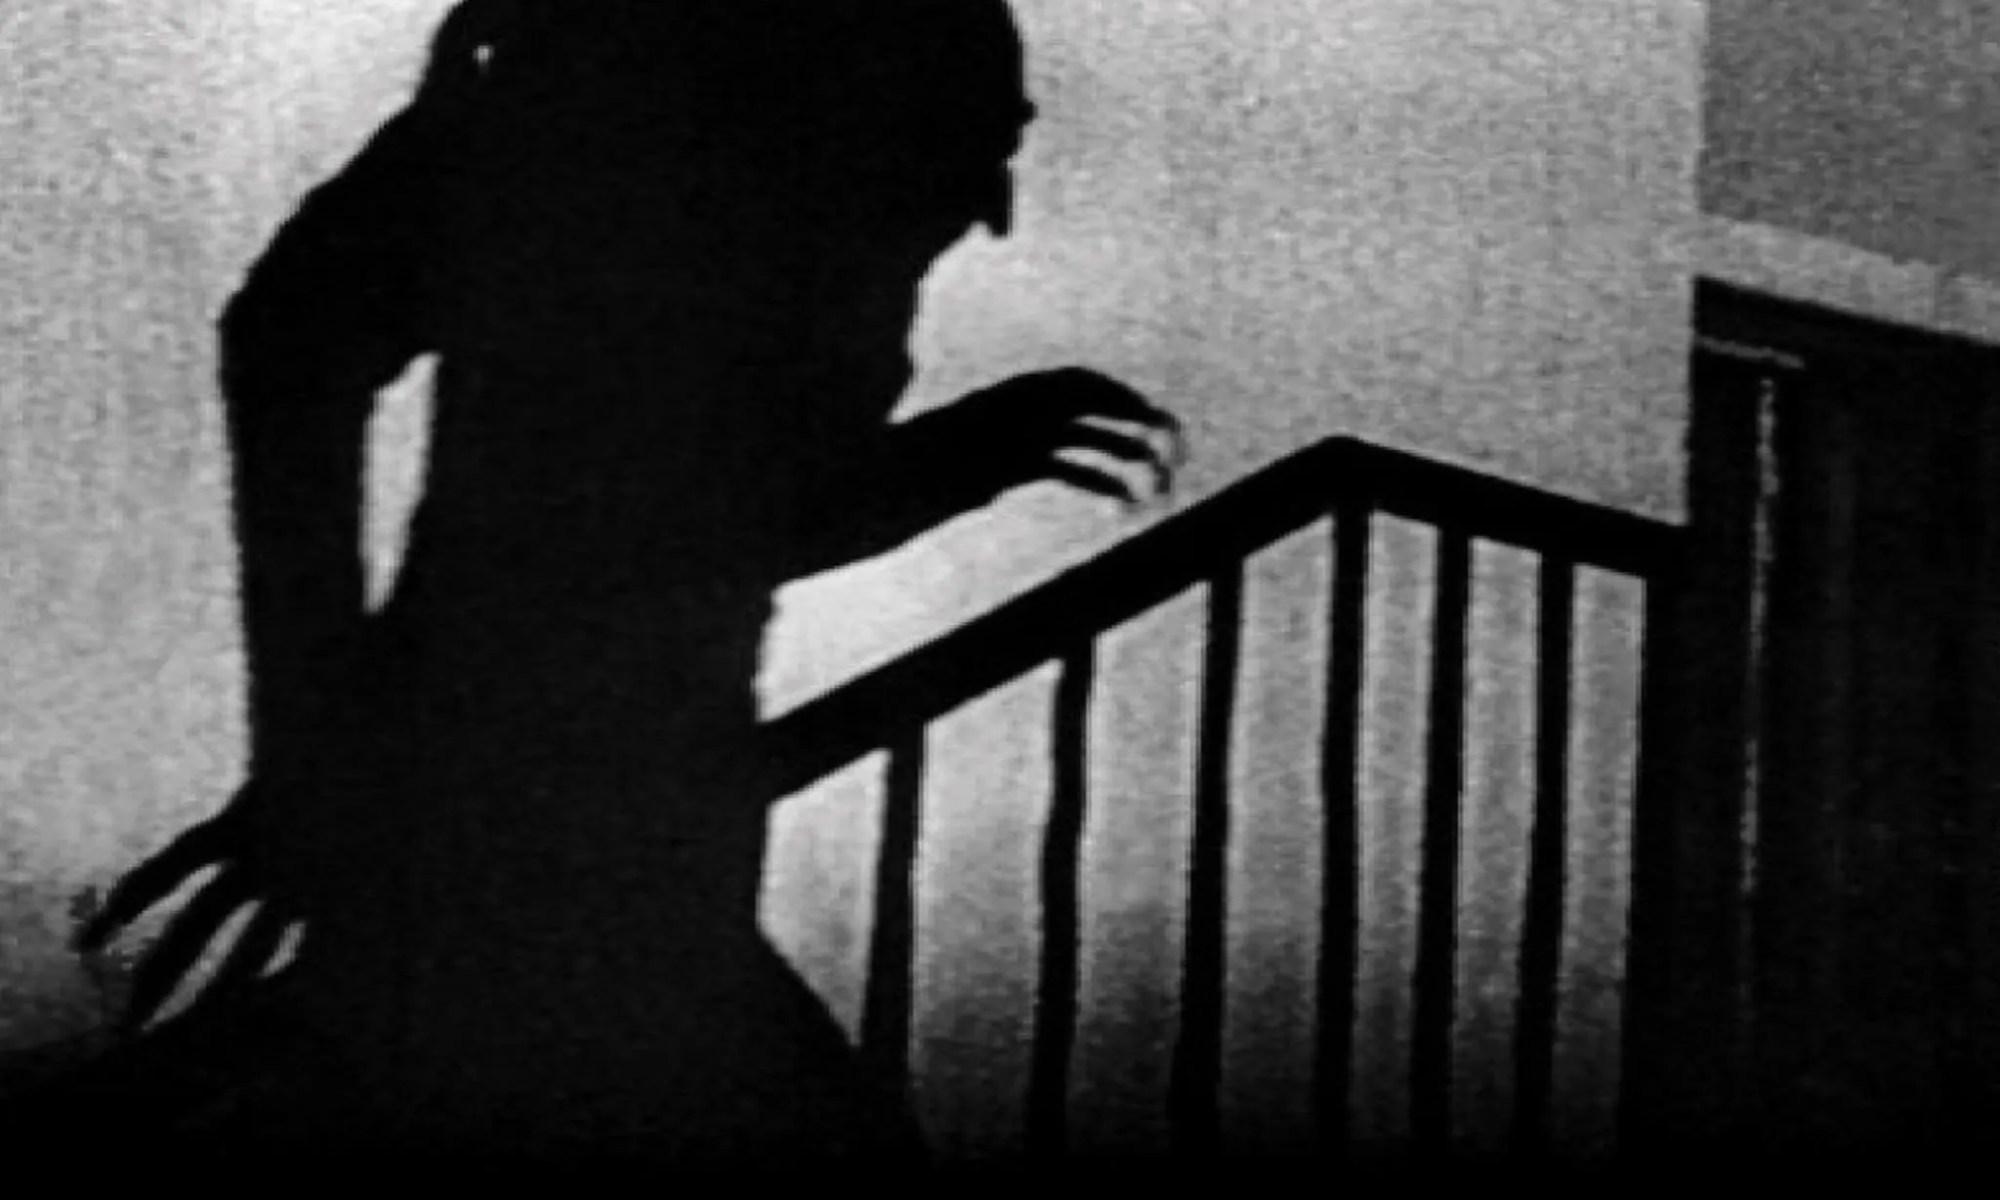 🎥 Nosferatu (1922) FULL  MOVIE 1